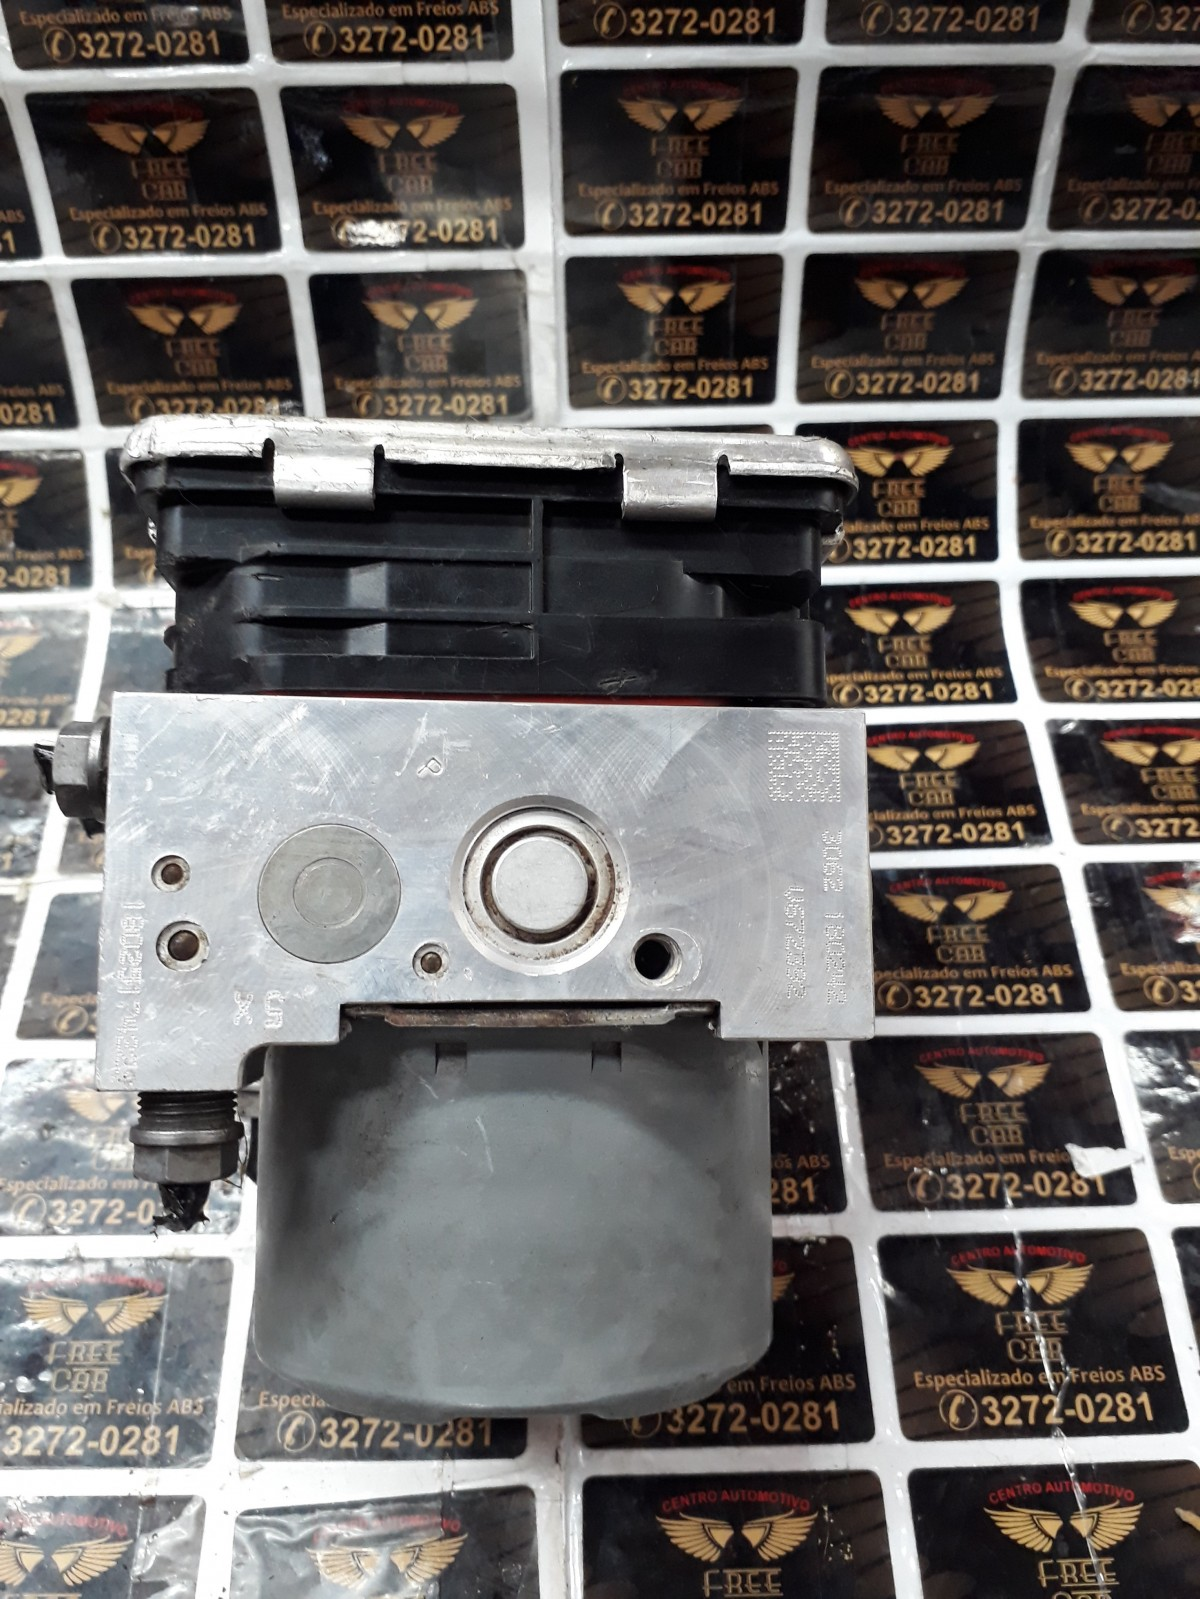 Imagem do produto Modulo ABS Volkswagen Amarok